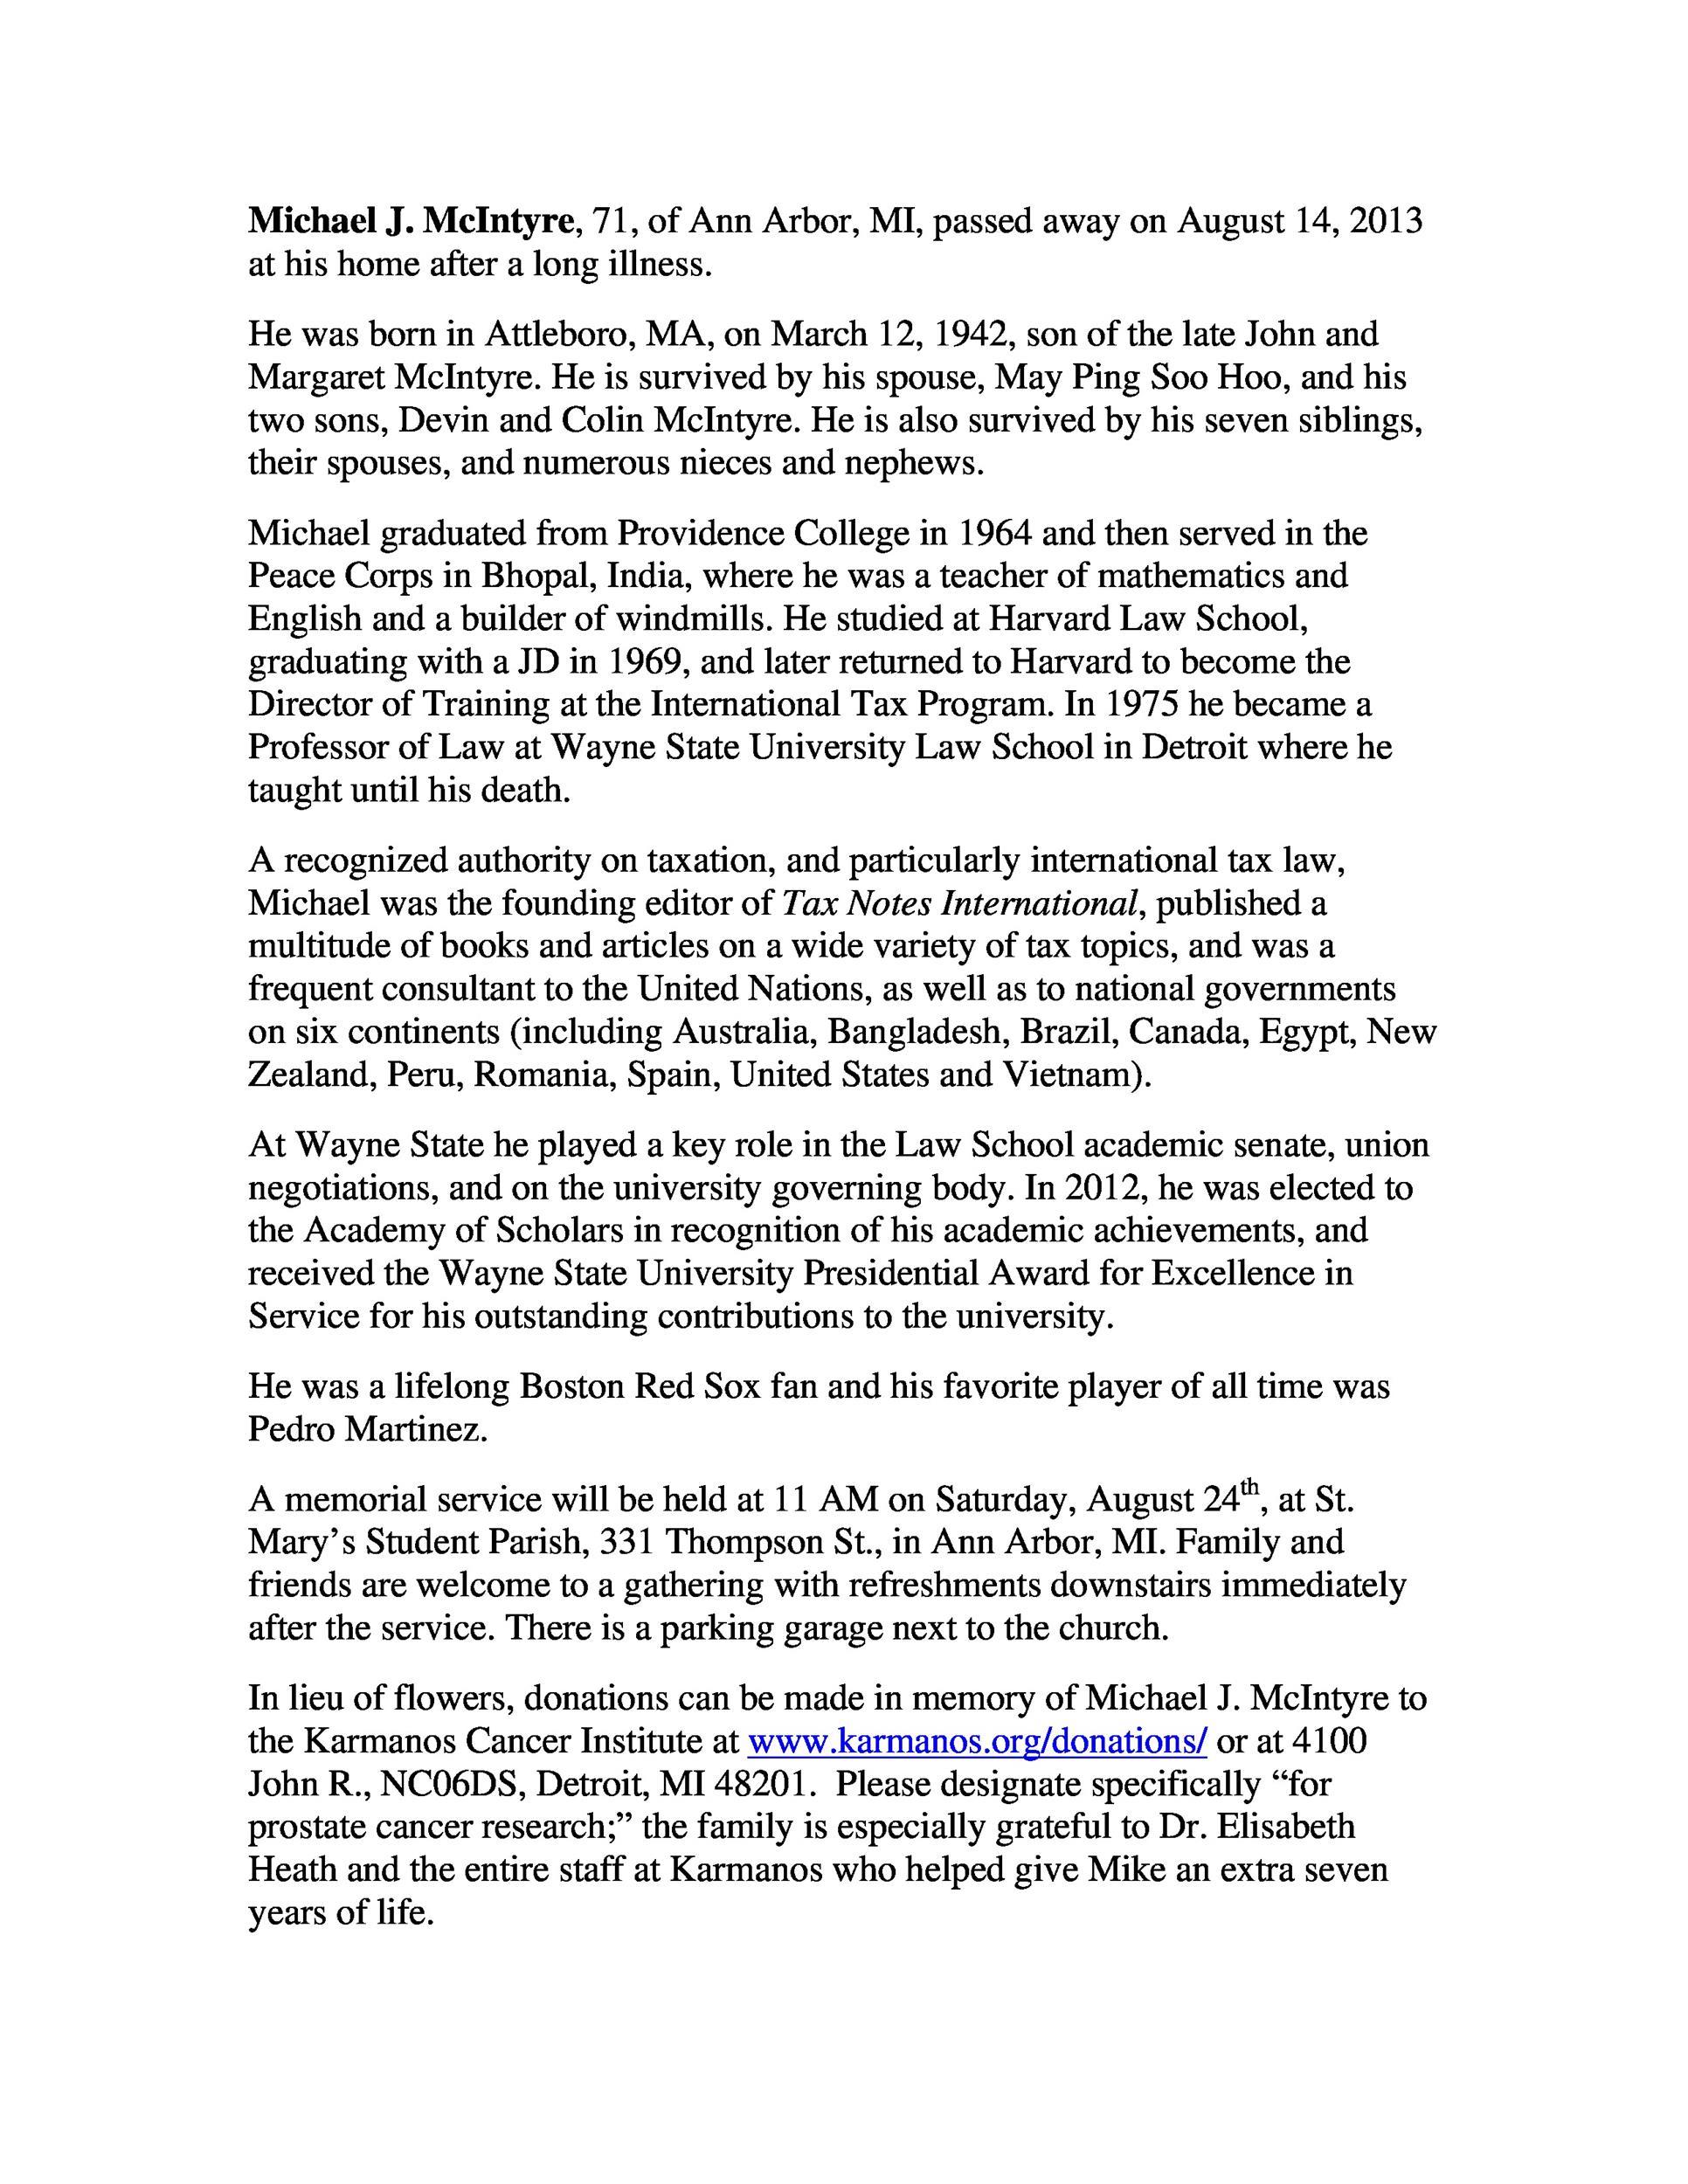 Free Obituary Samples PDF 02